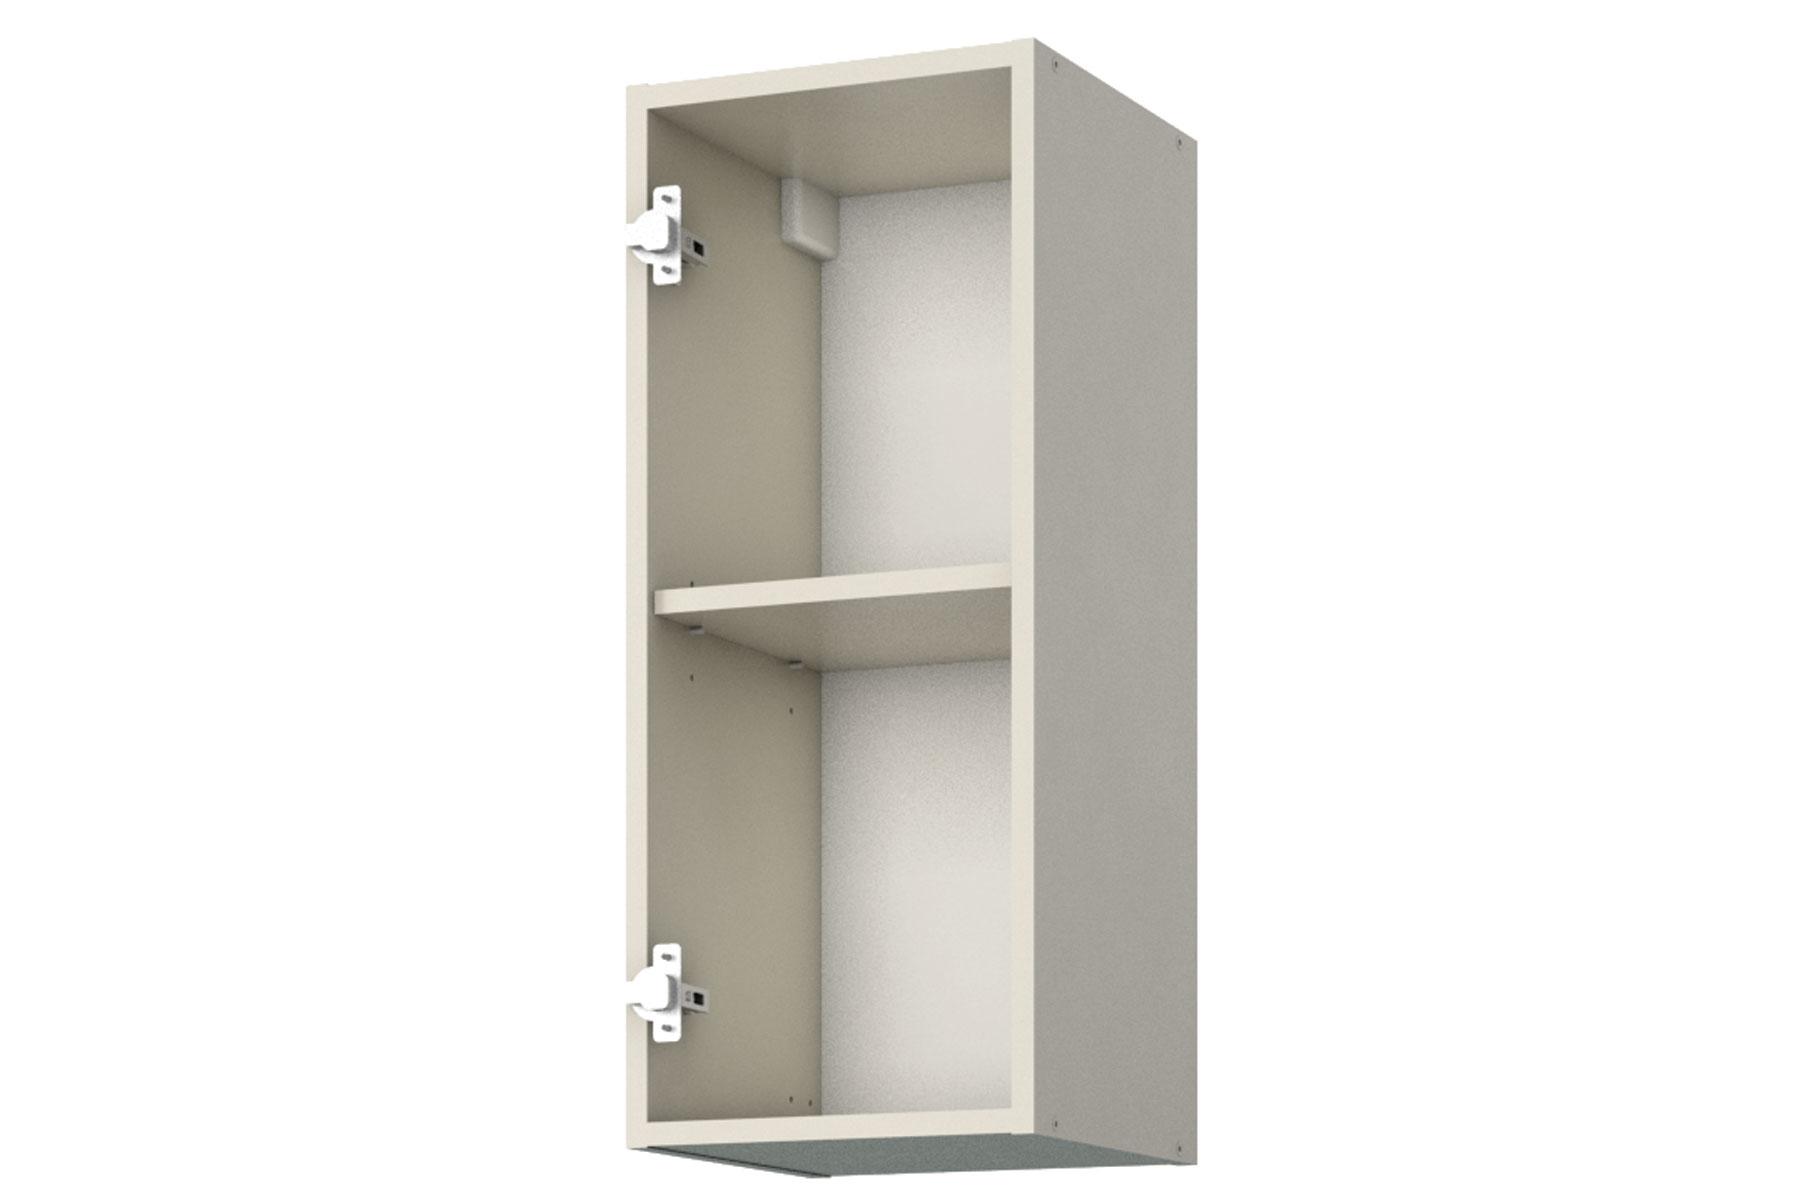 Купить шкаф навесной п-30 аура столлайн недорого в интернет-.